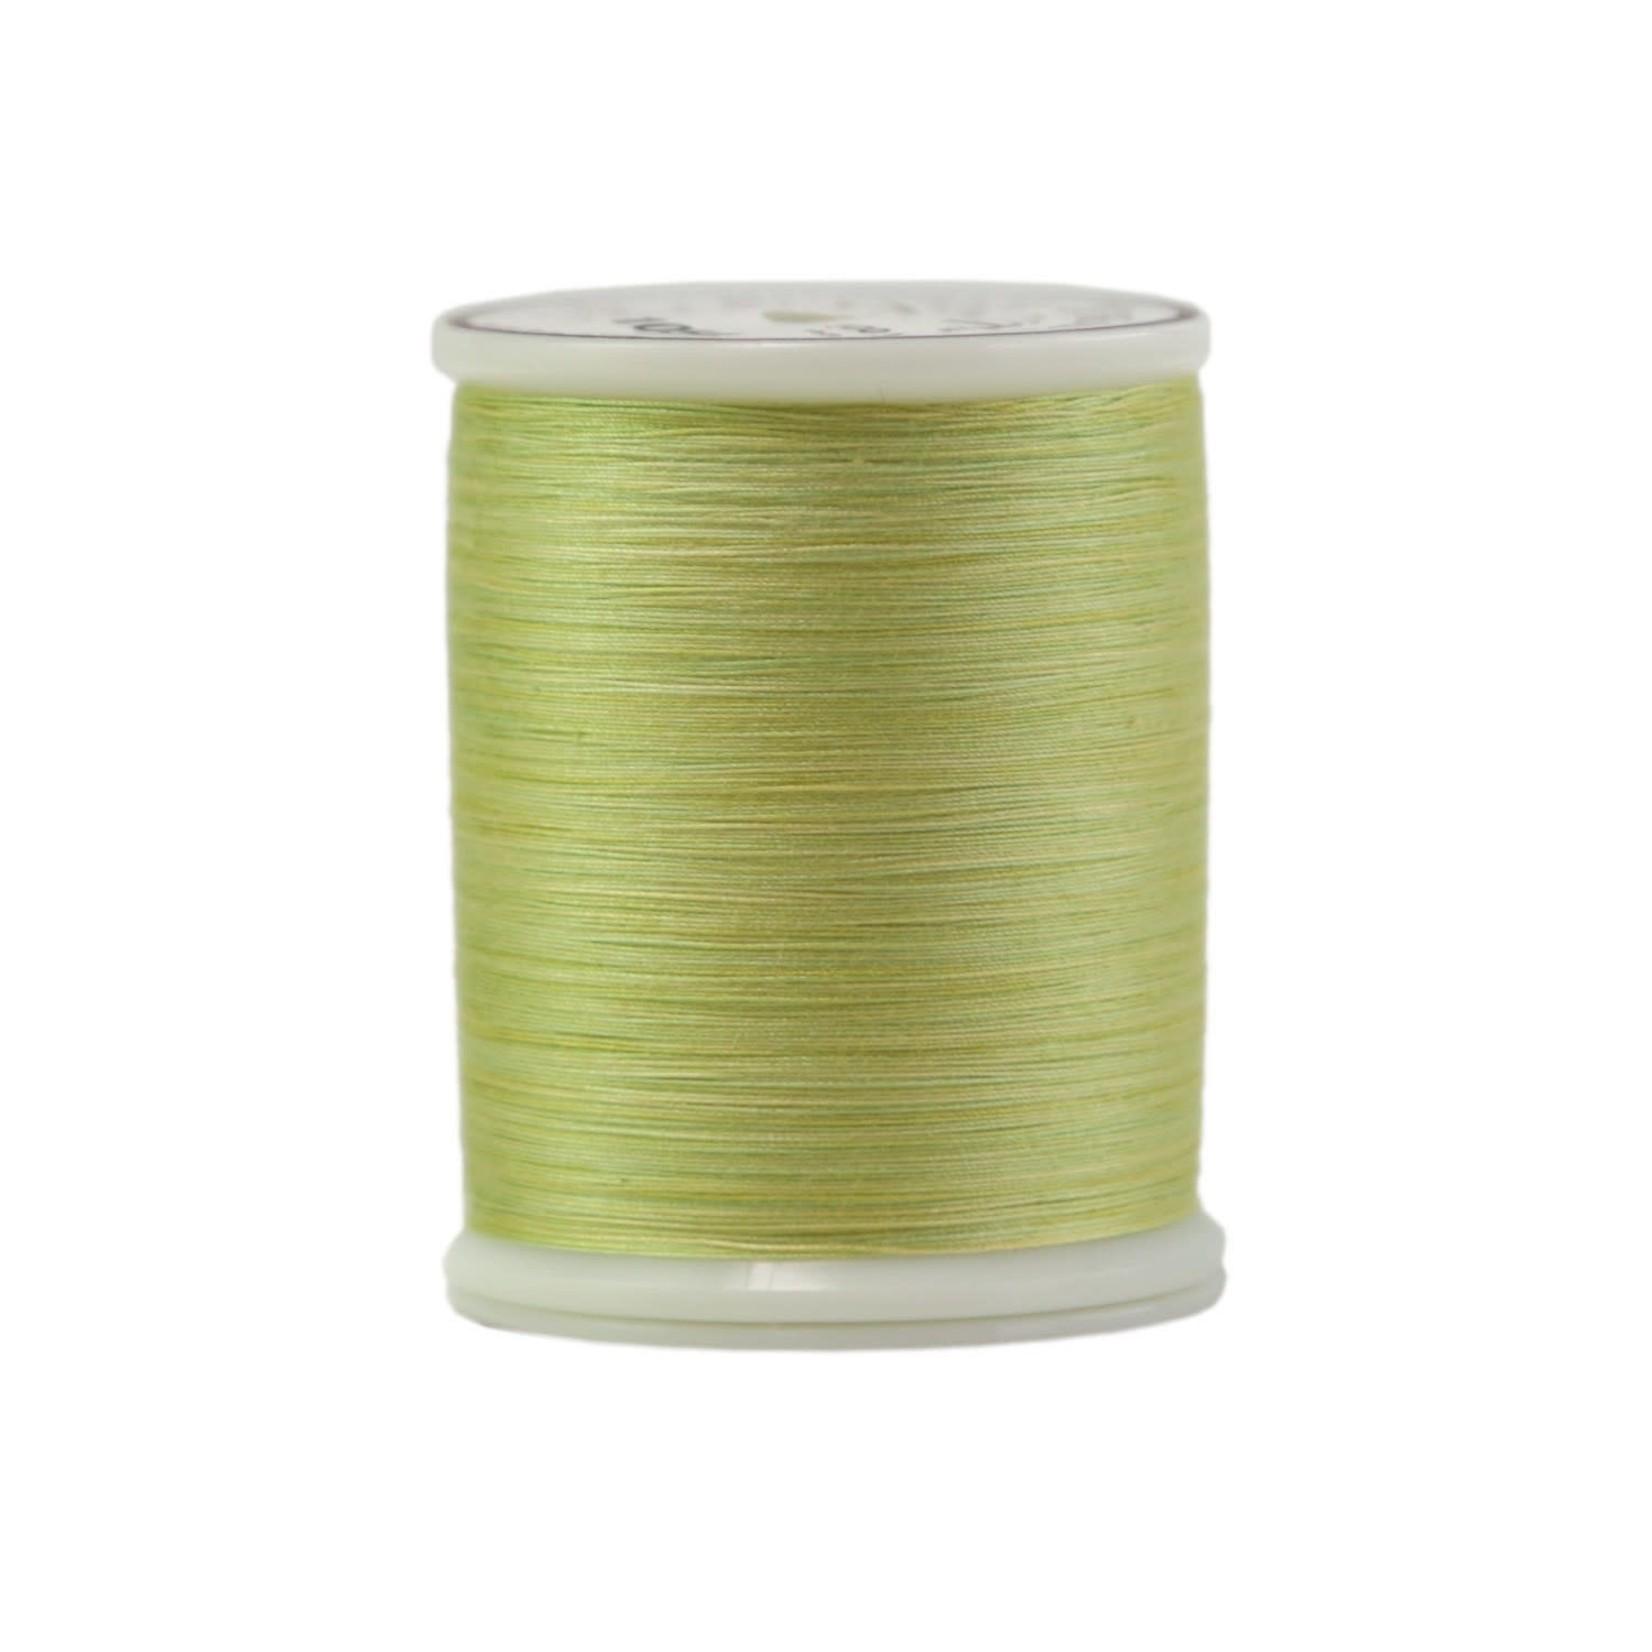 Superior Threads King Tut - #40 - 457 m - 1054 Lemongrass